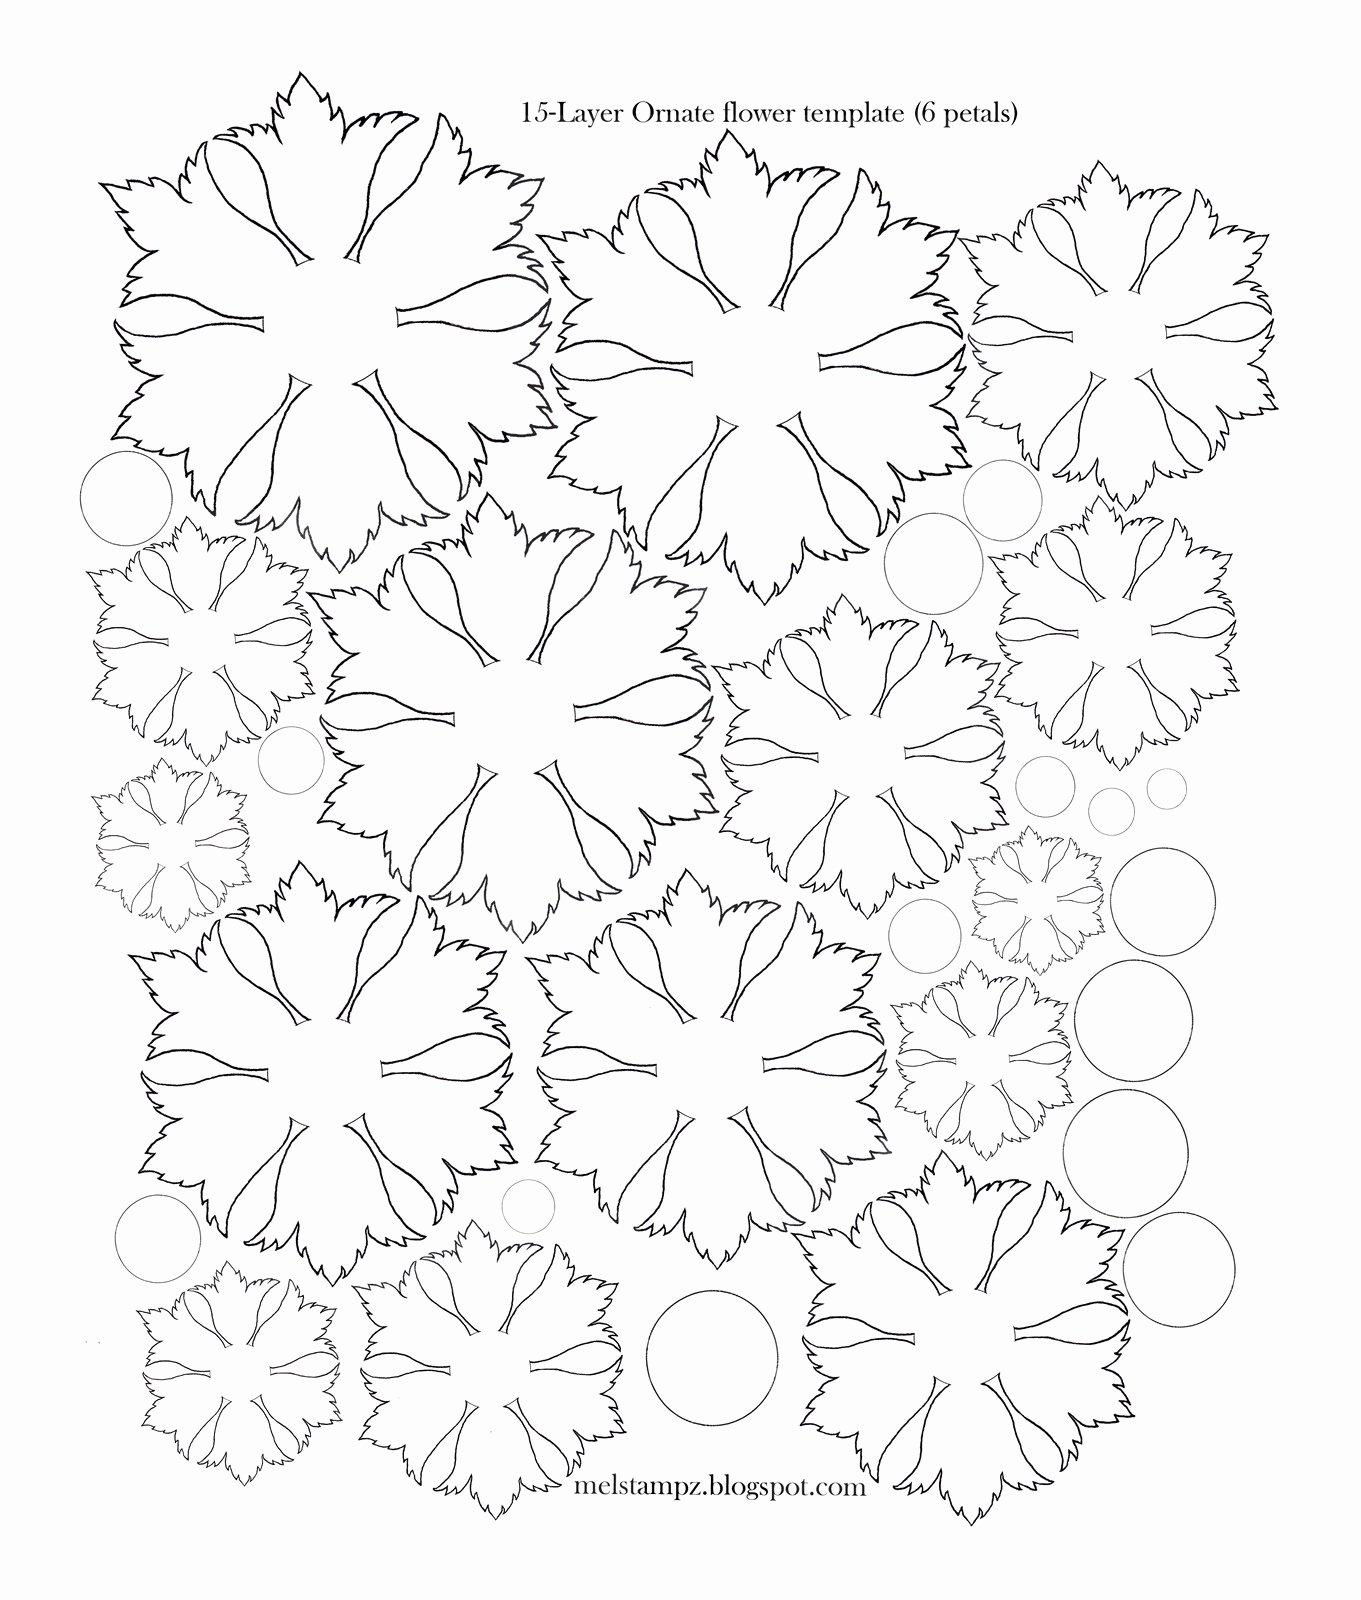 Paper Flower Template 3d Inspirational Mel Stampz 6 Petal ornate Flower Template